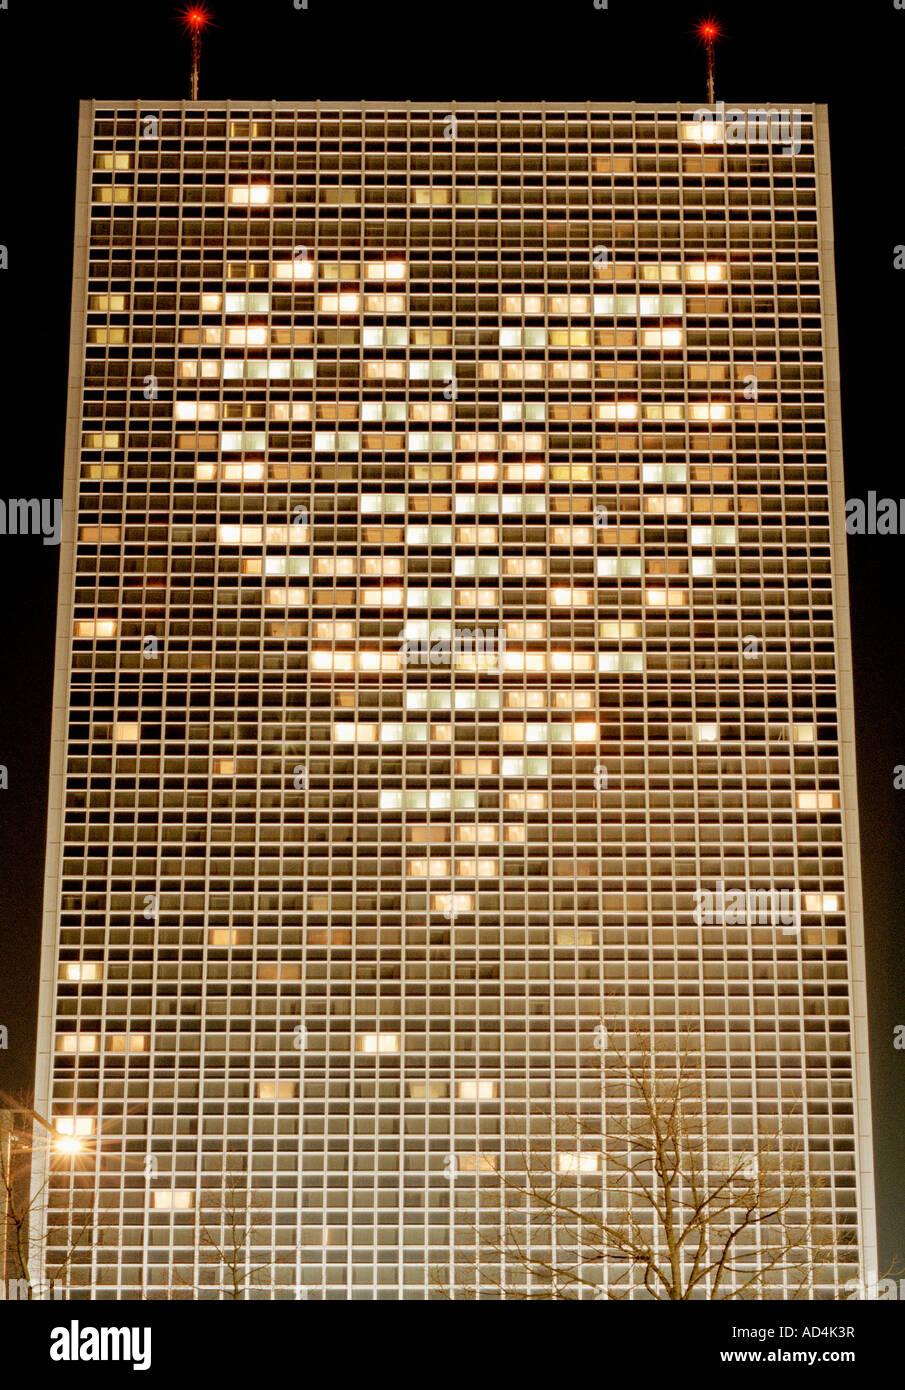 Edificio alto iluminado con luces dispuestos en forma de corazónFoto de stock